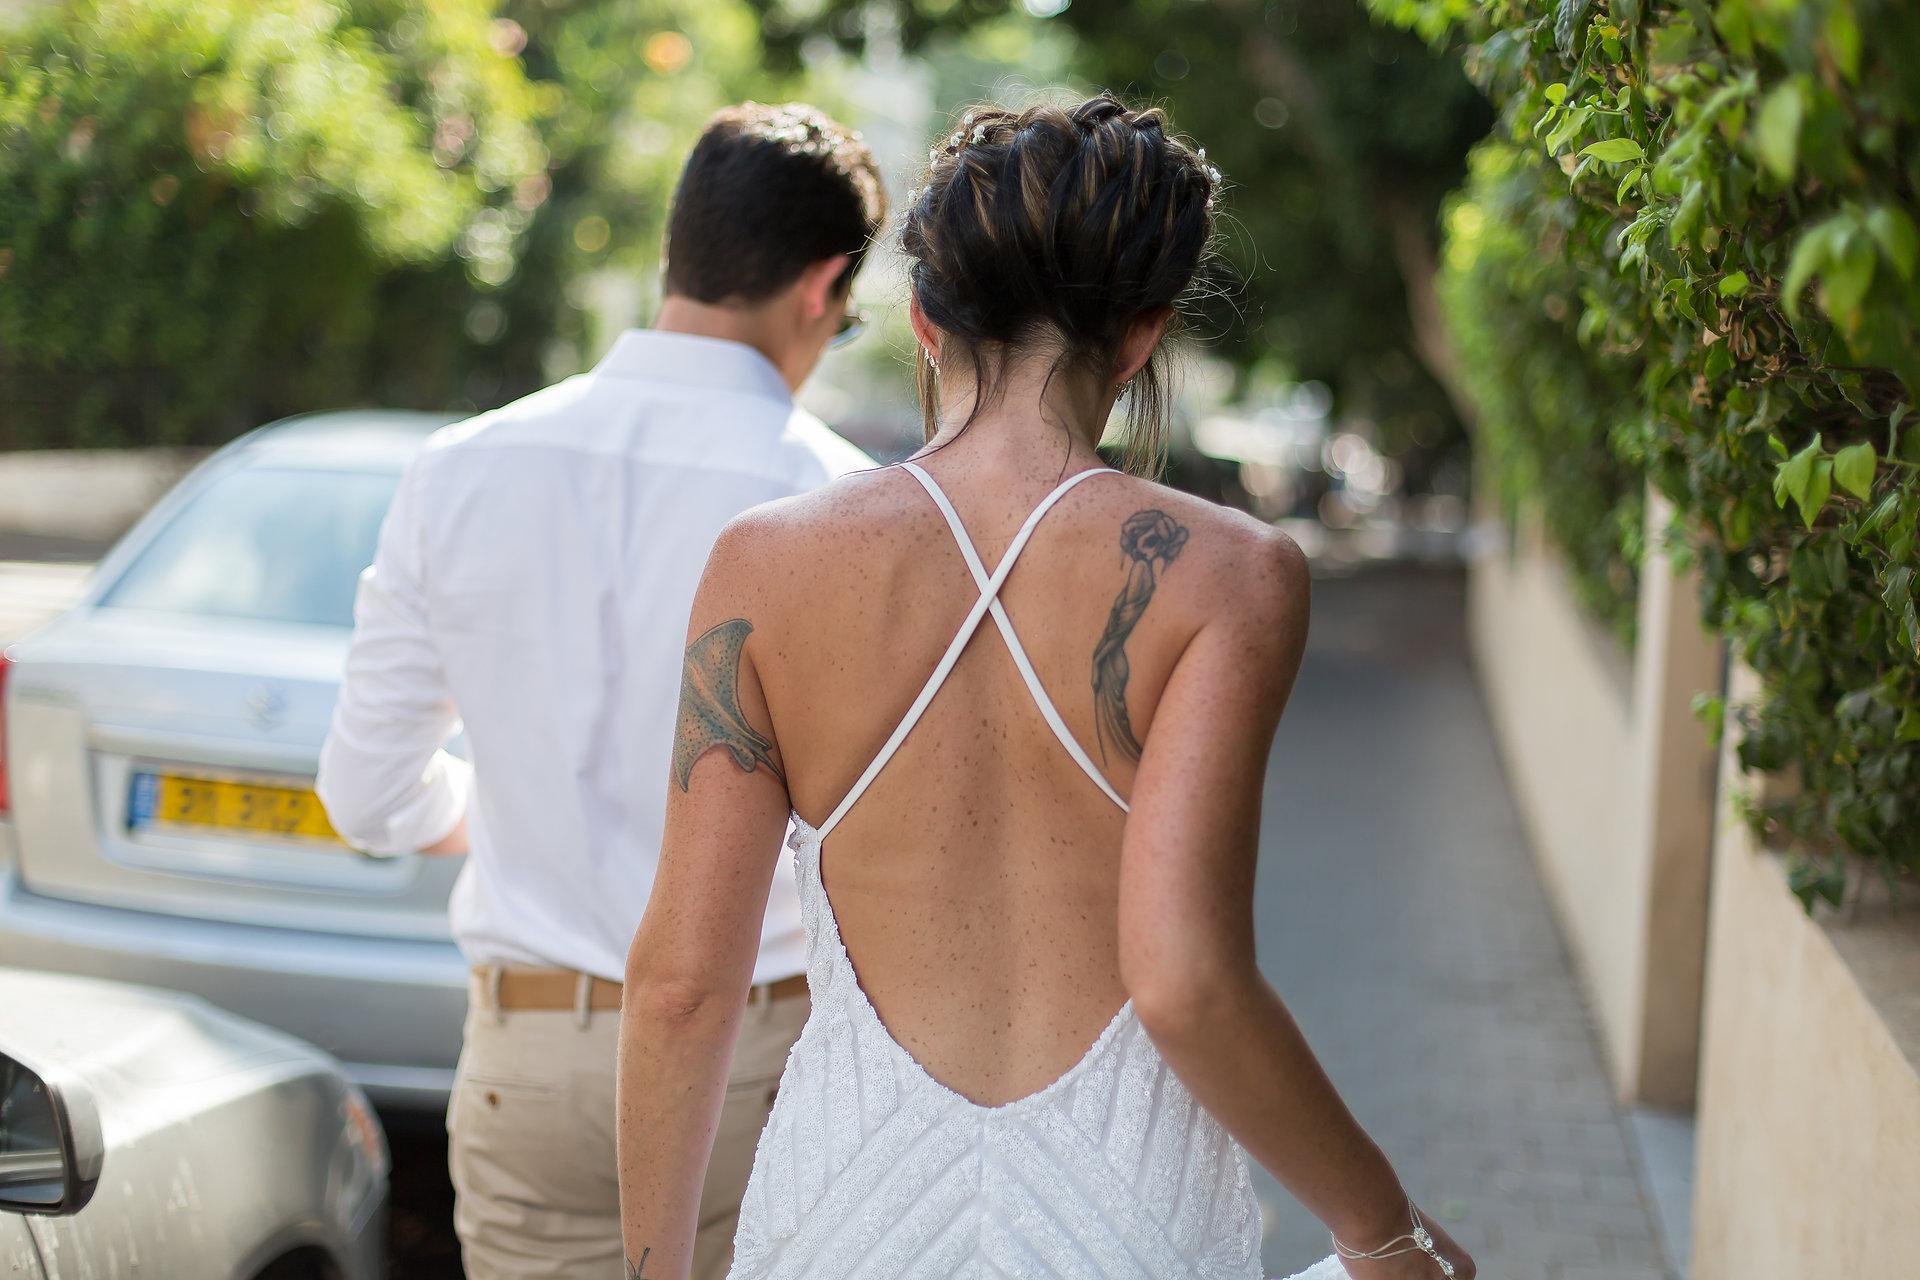 גלעד משיח | צילום חתונותגלעד משיח | צילום חתונותגלעד משיח | צילום חתונות